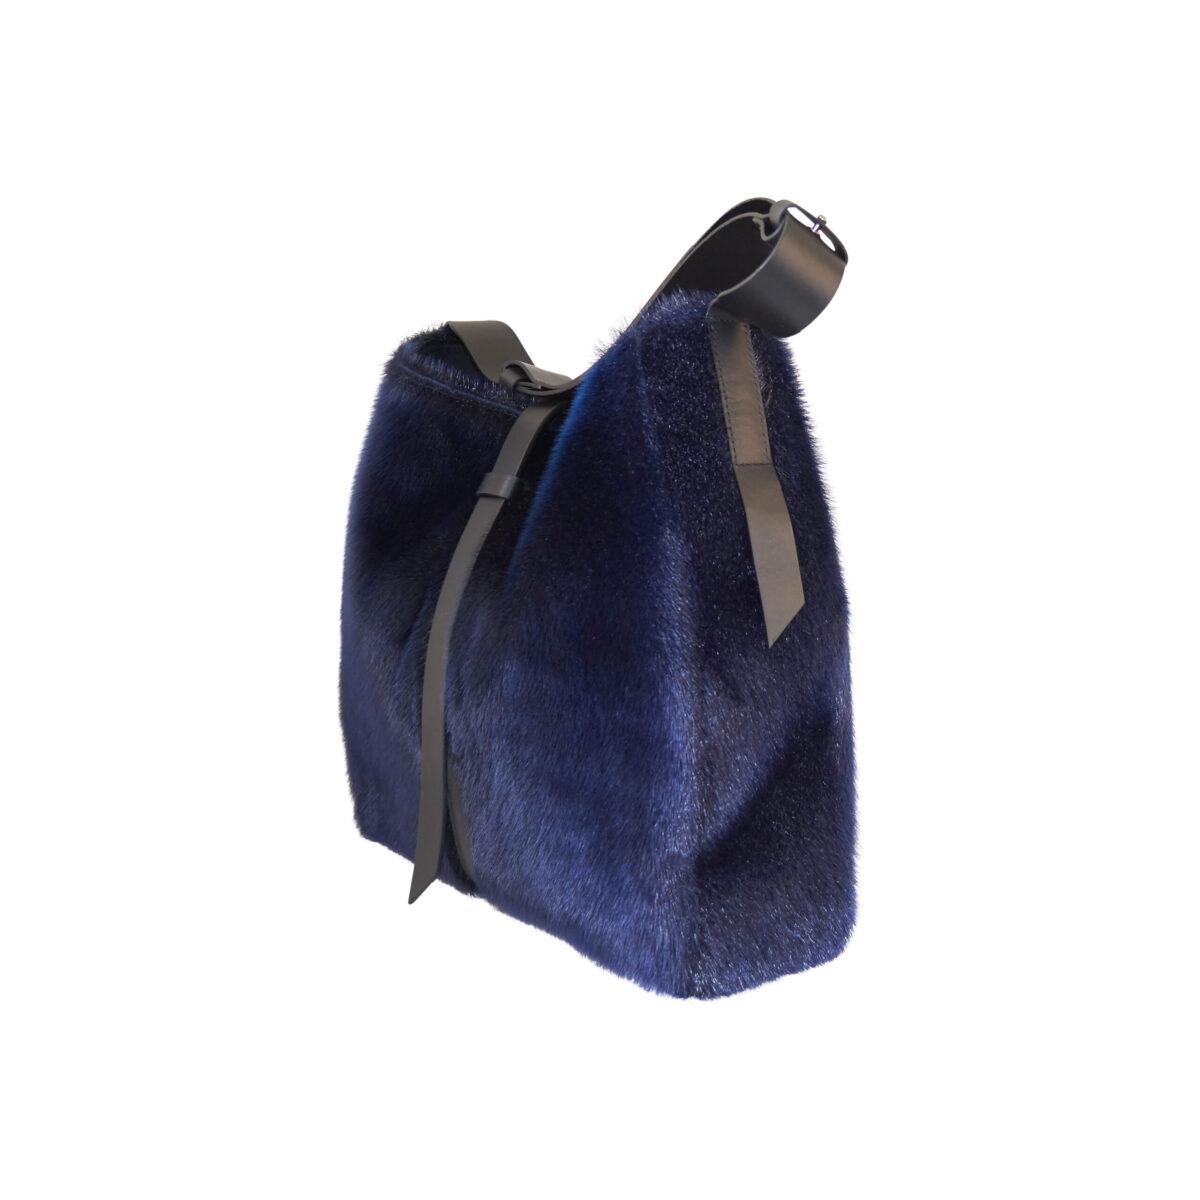 Taske i blå sælskind Design Morten Ussing